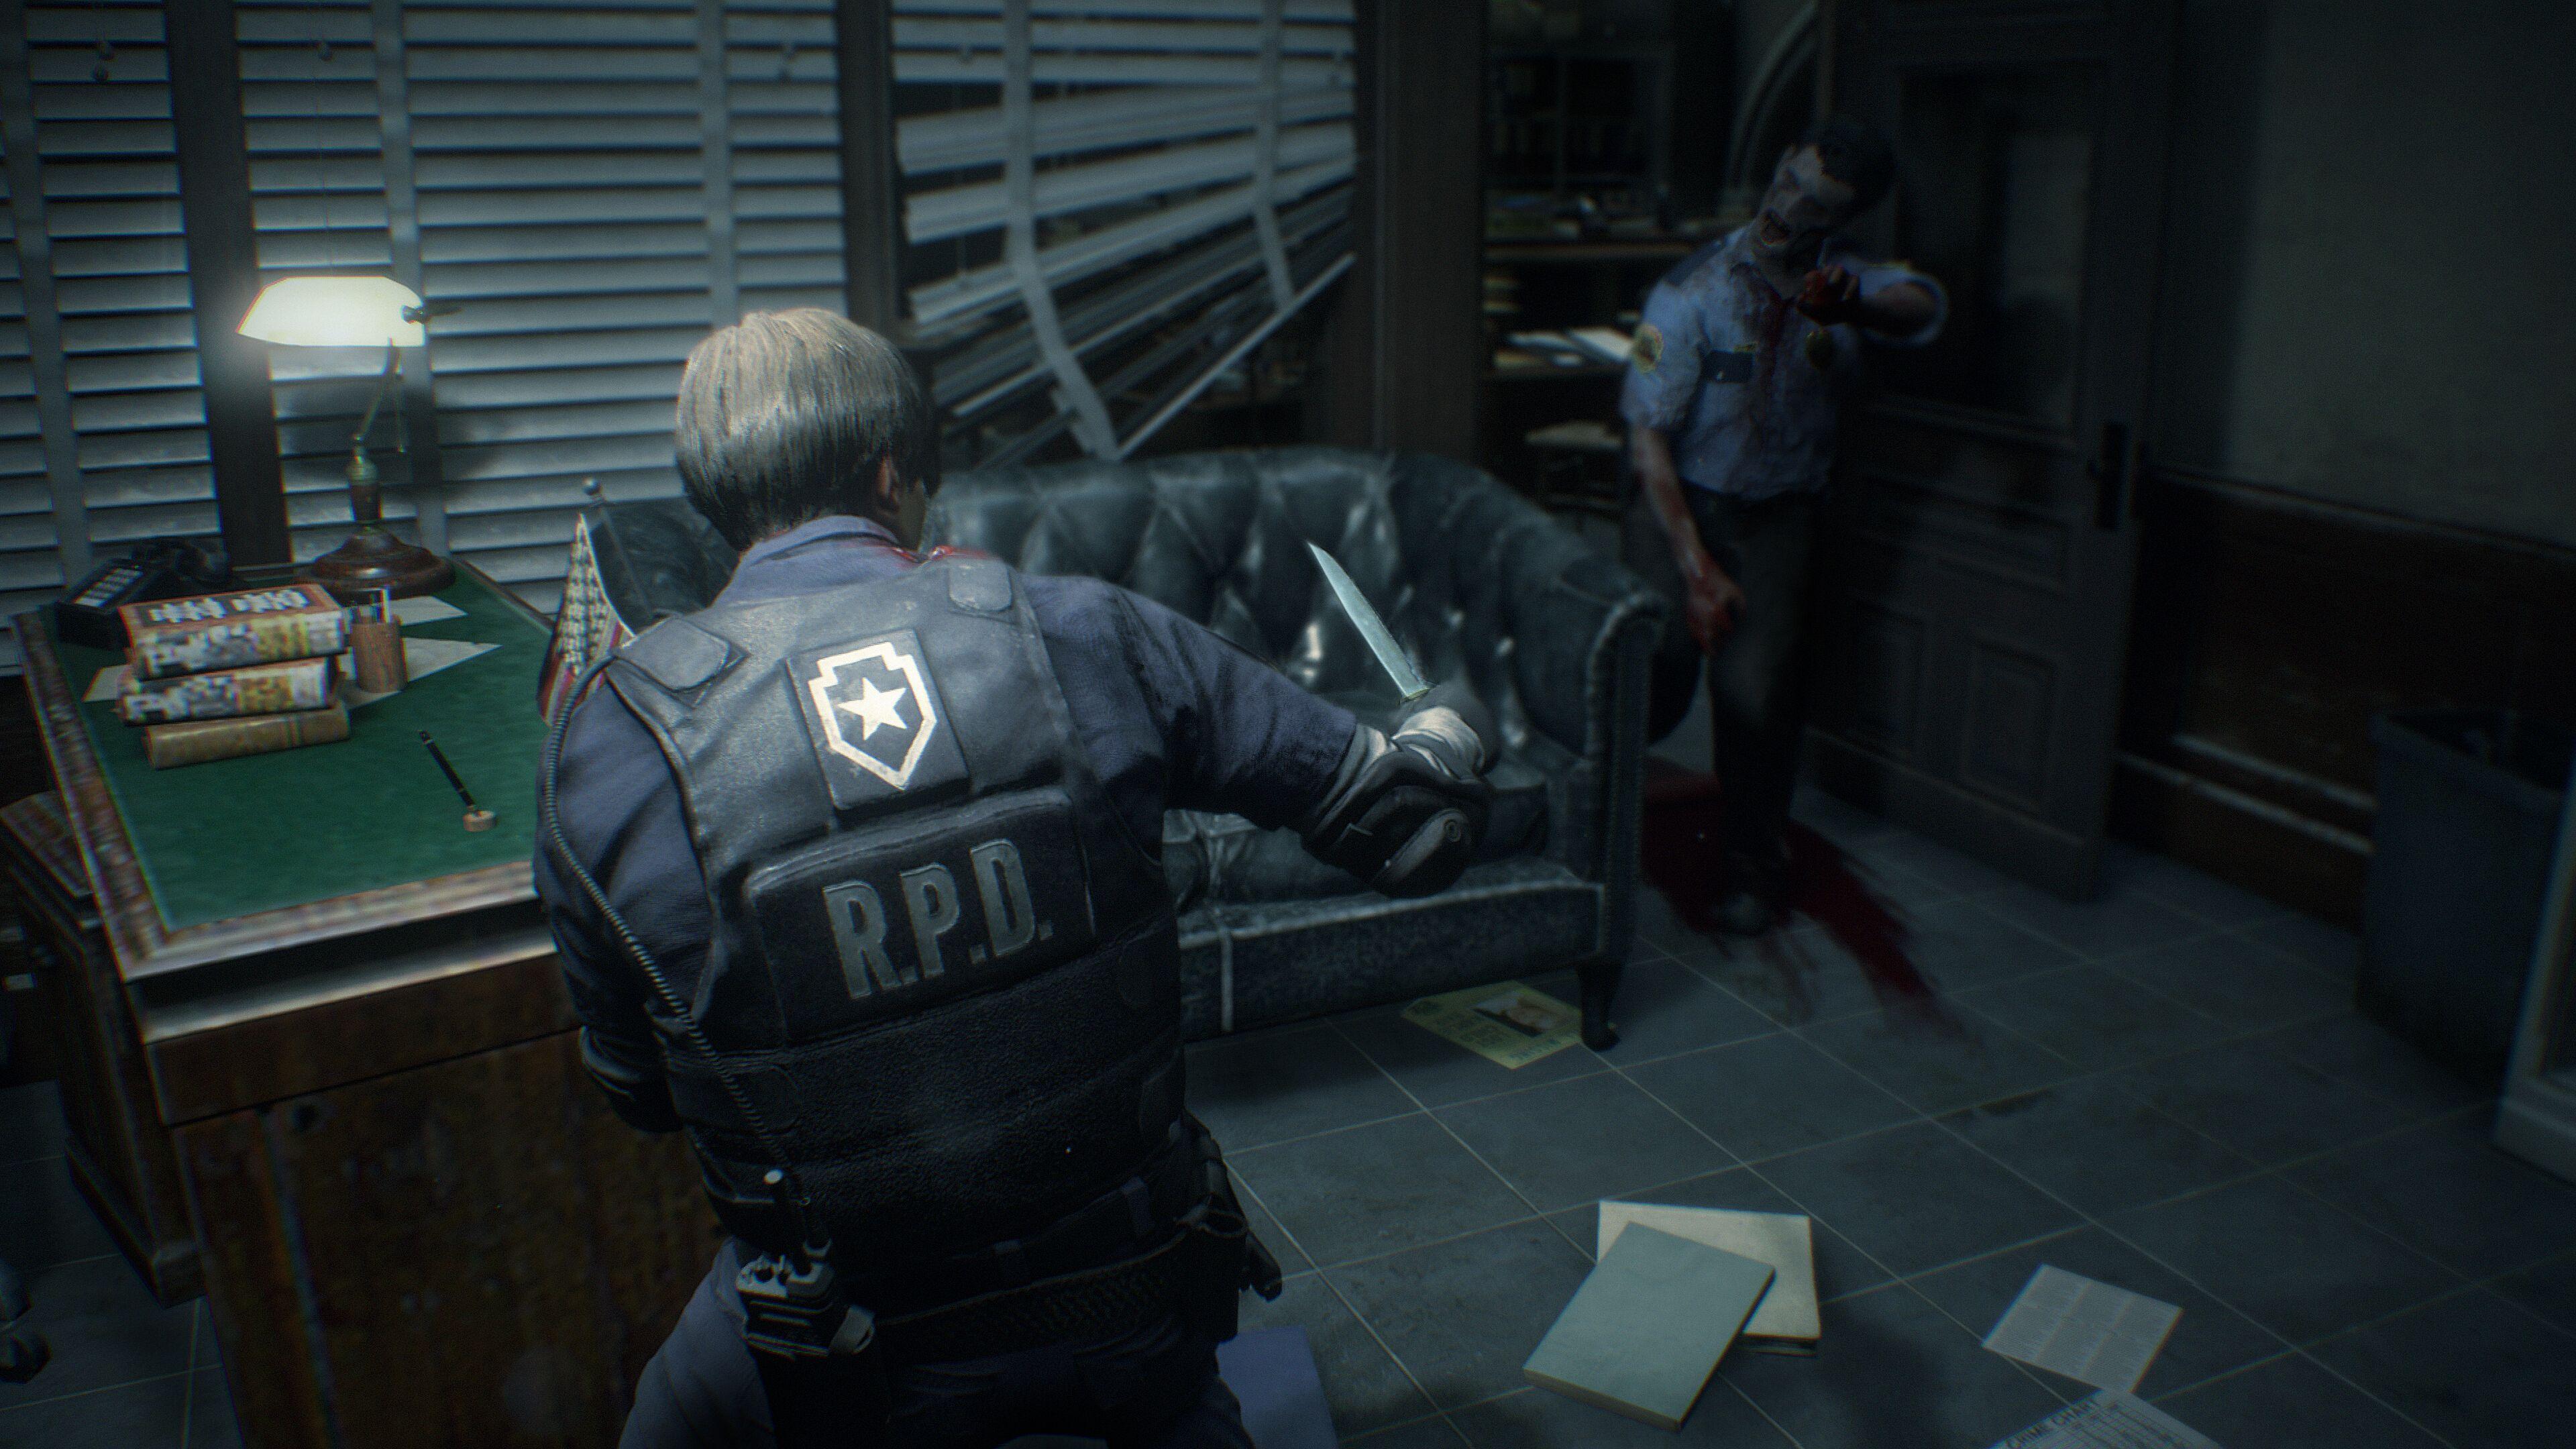 Resident Evil 2 Biohazard Re 2 Ad Ad Resident Evil